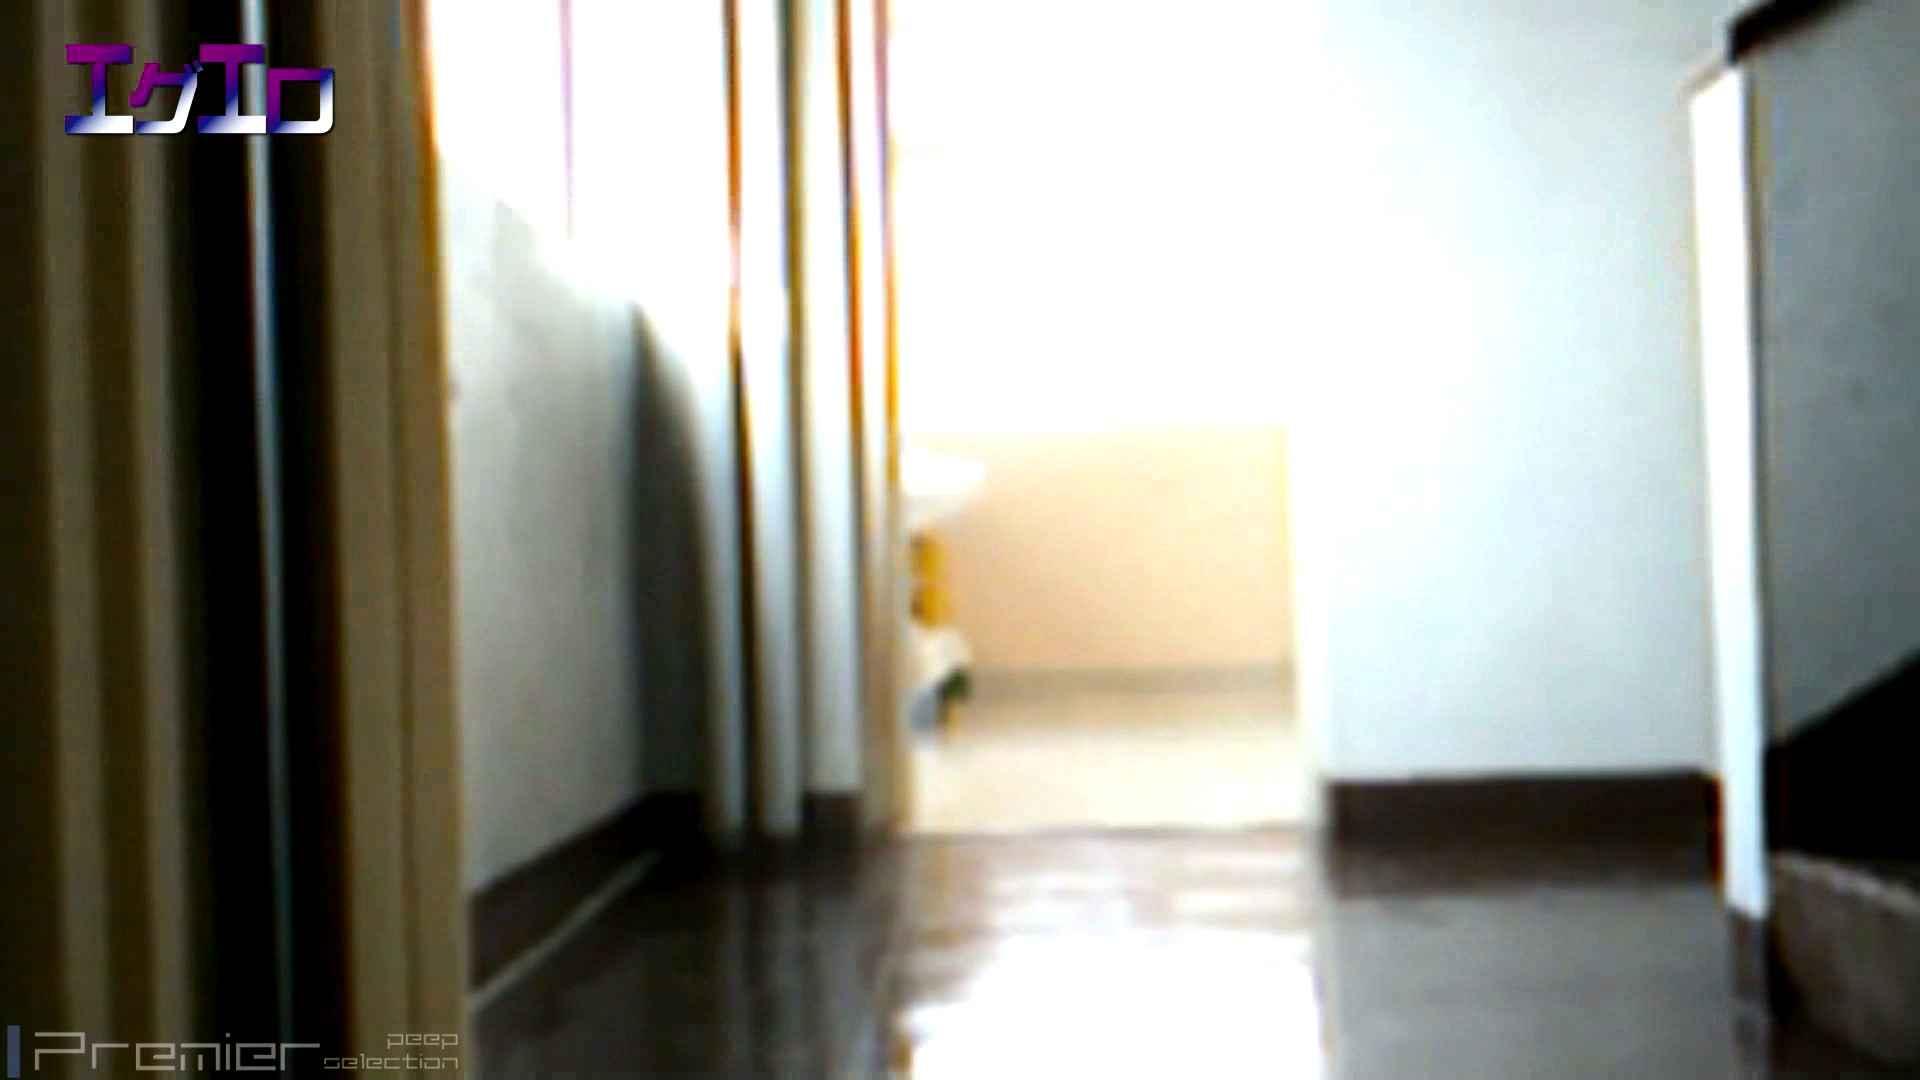 至近距離洗面所 Vol.10ブルージーンズギャルの大放nyo OL女体  96連発 90